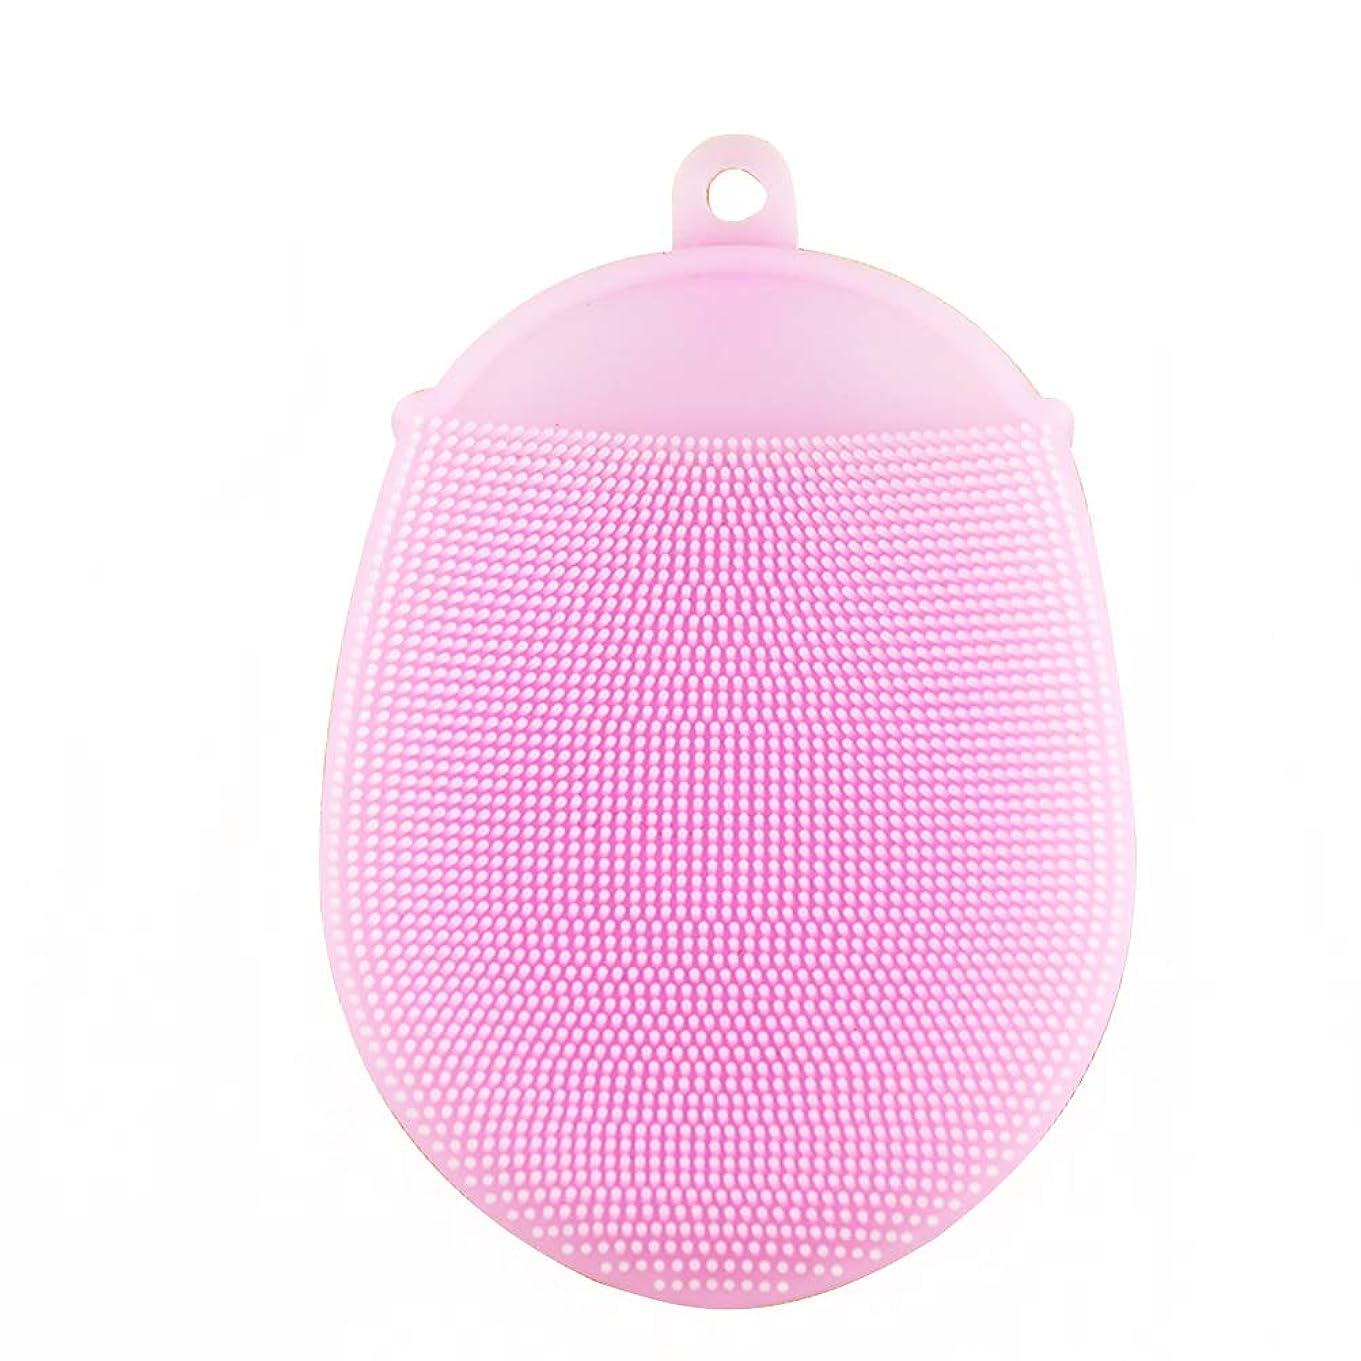 津波鳴り響くいろいろHealifty シリコン 入浴ブラシ 抗菌 シャワースクラバー 洗顔パッド 2本入 (ピンク)